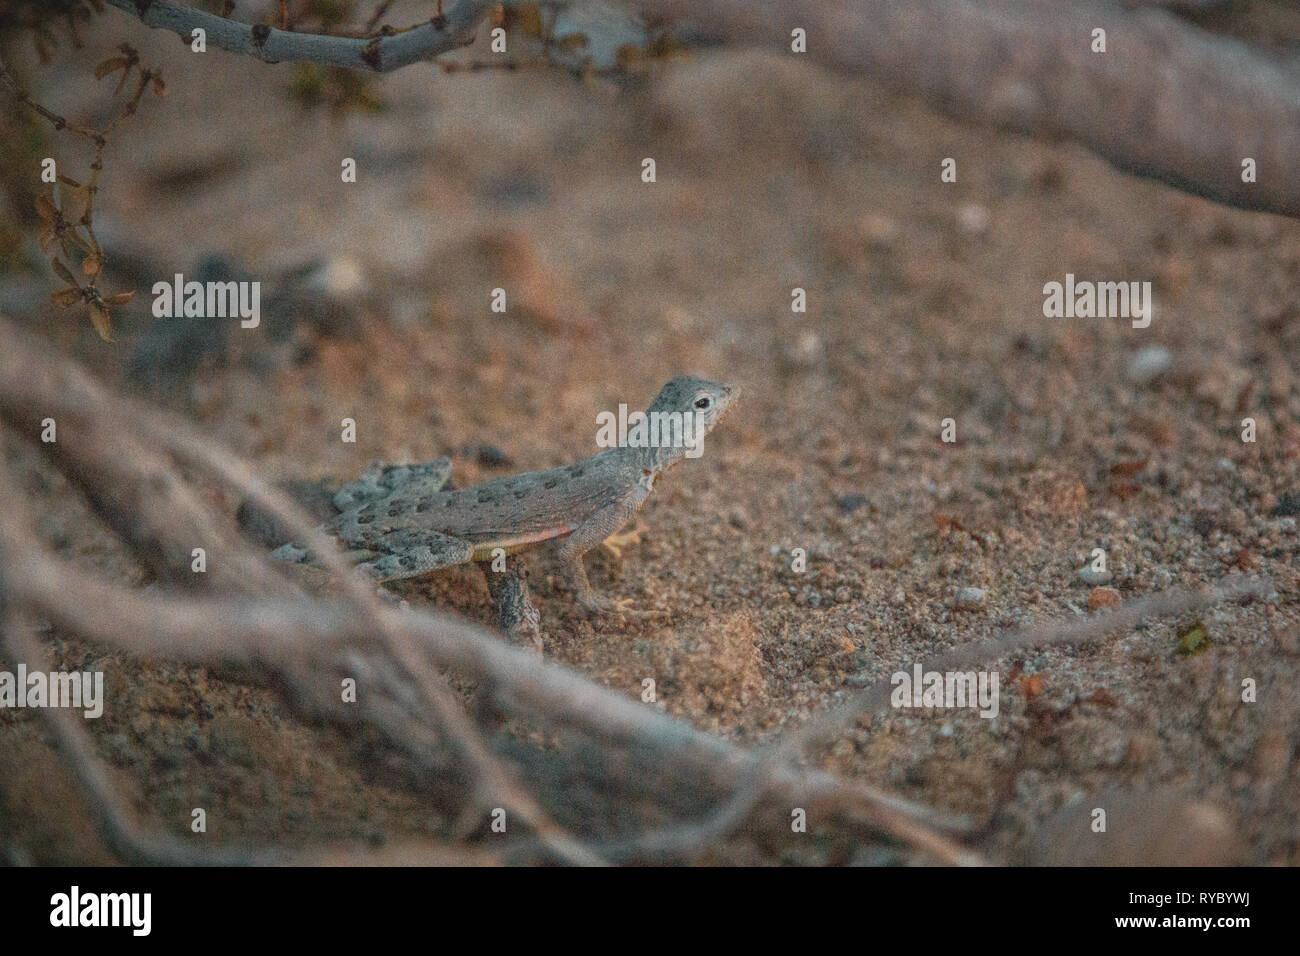 Scaly lizard in a rough Texan desert. - Stock Image